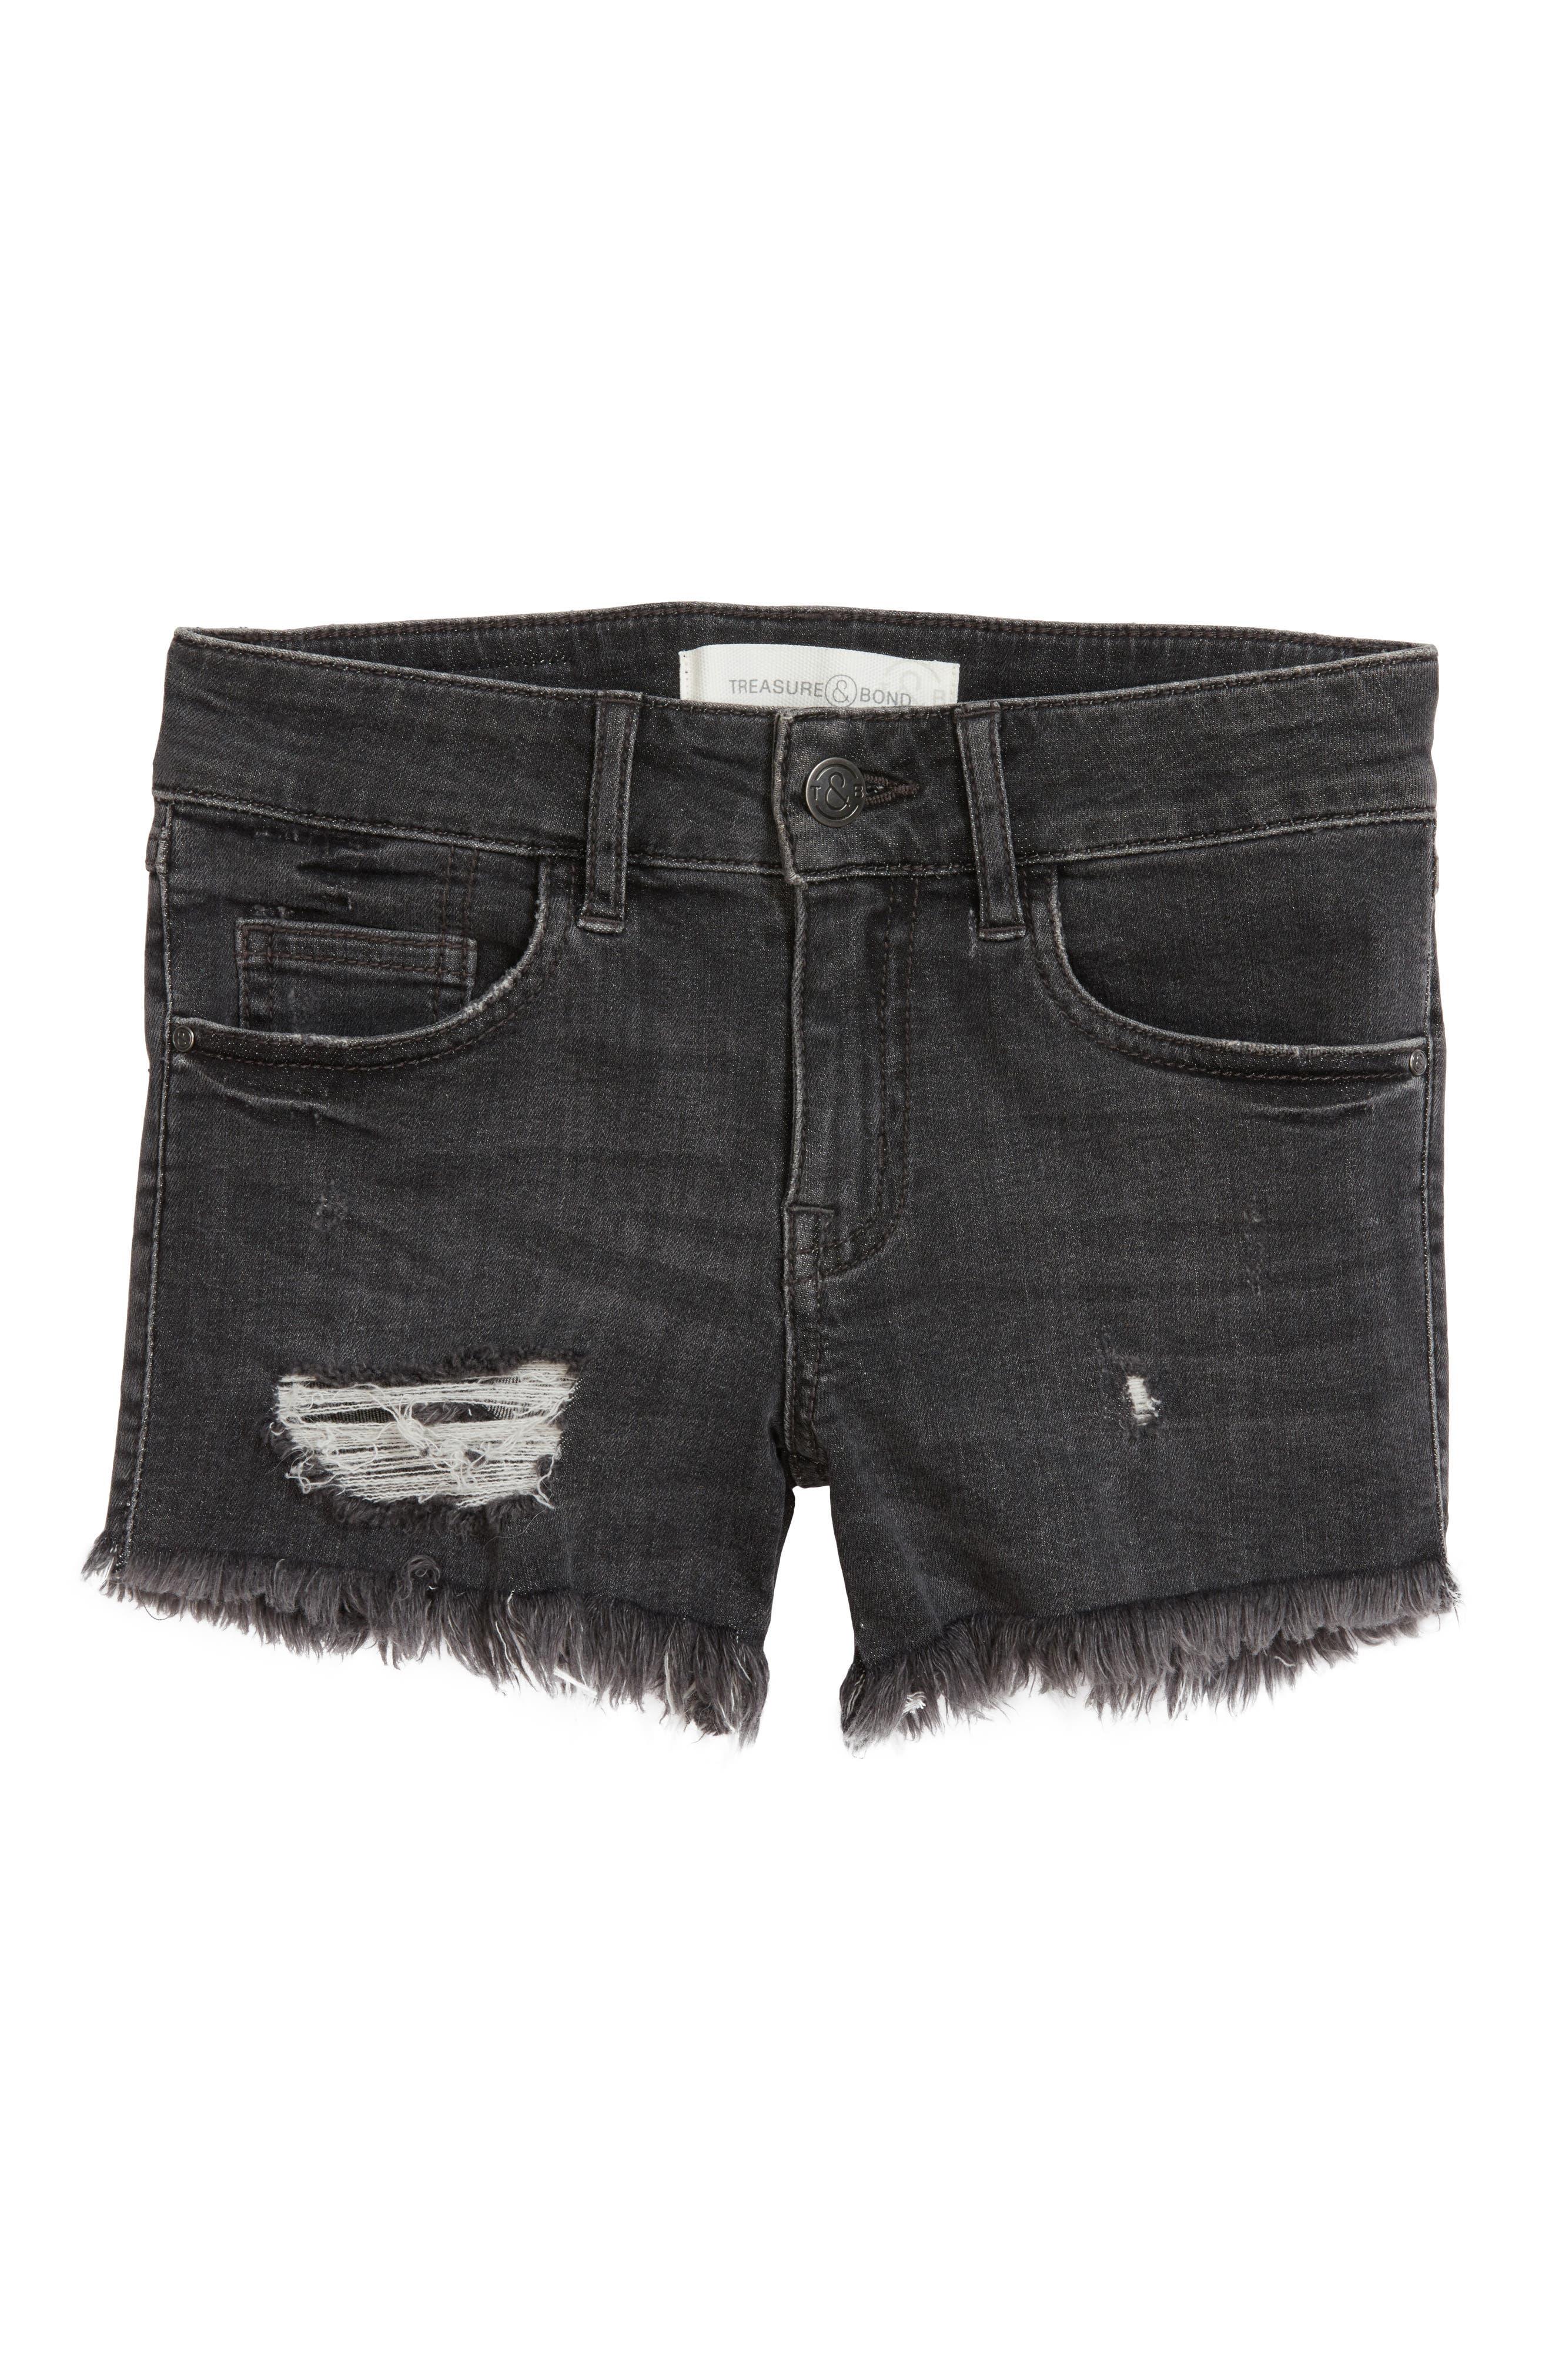 Distressed Cutoff Denim Shorts,                             Main thumbnail 1, color,                             001